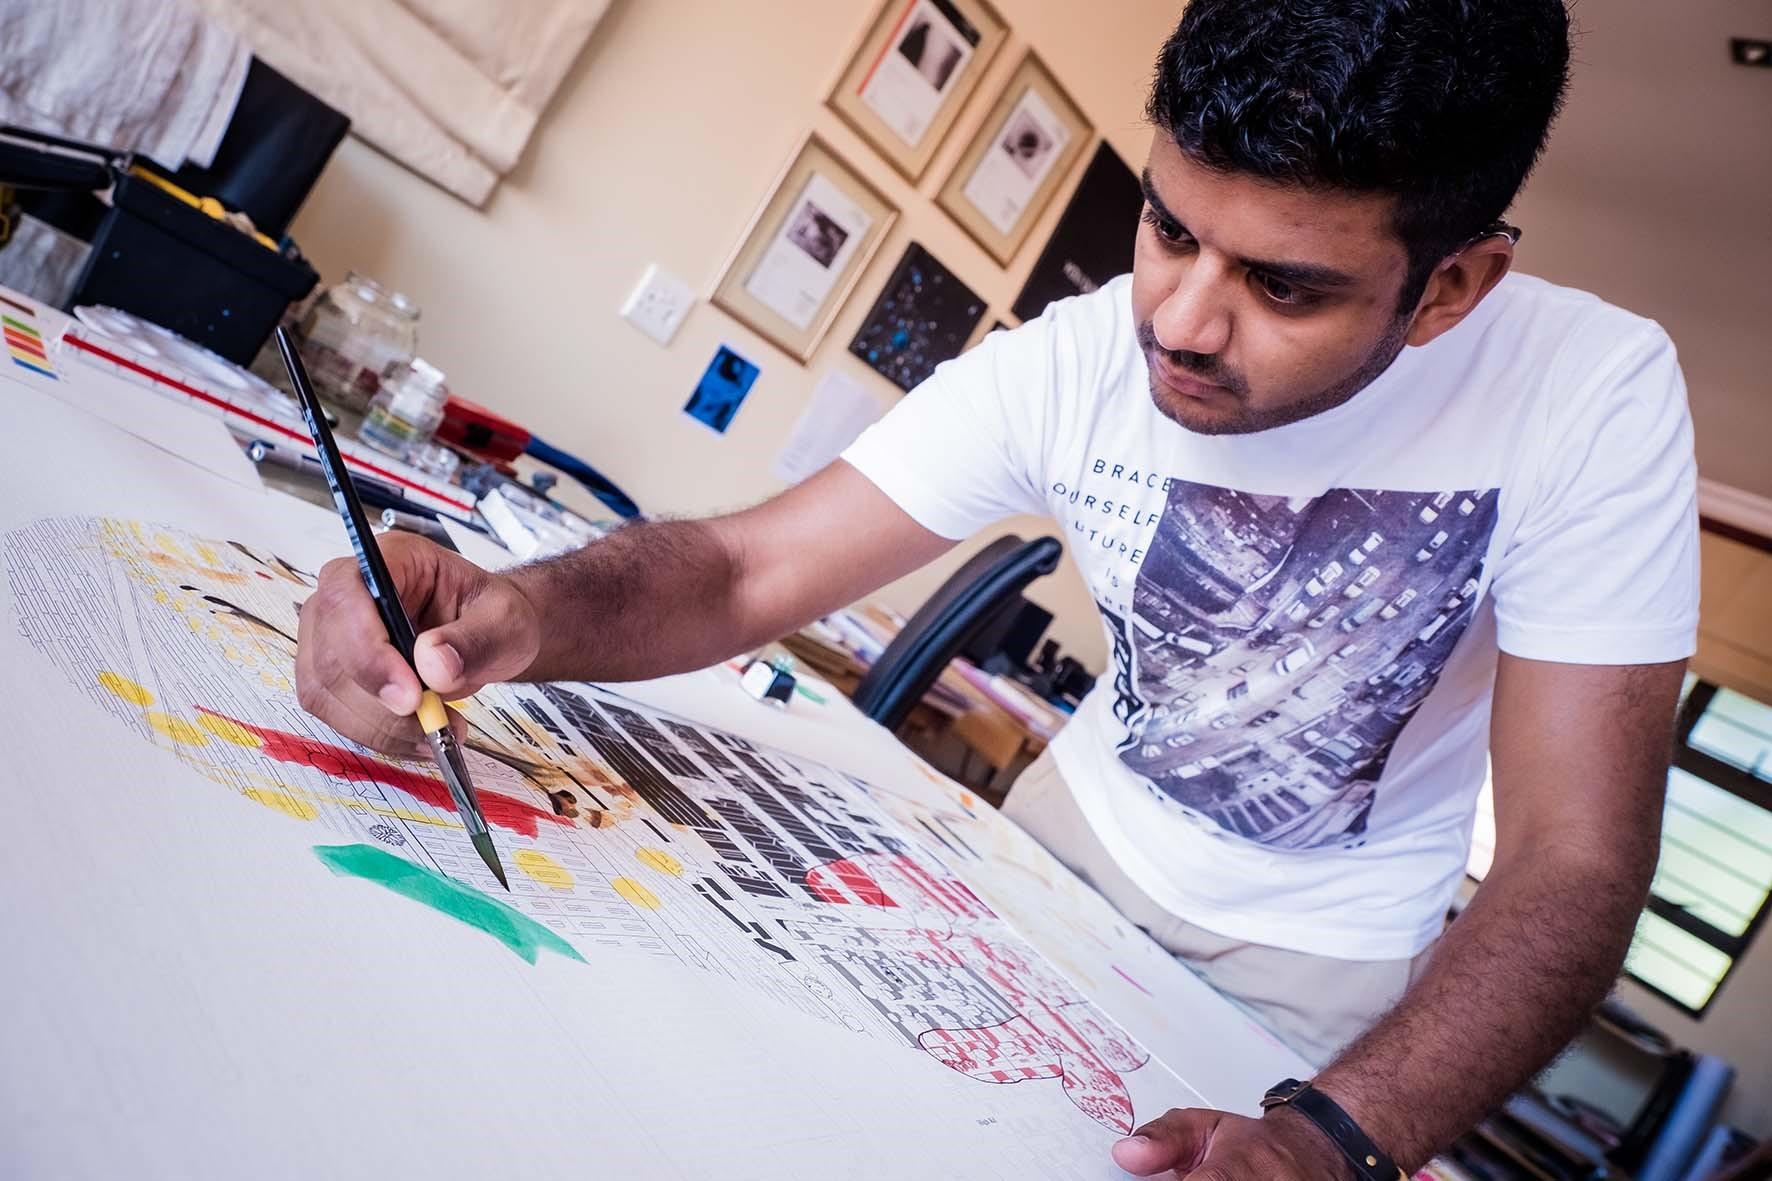 Hitenbawa hand with paint brush